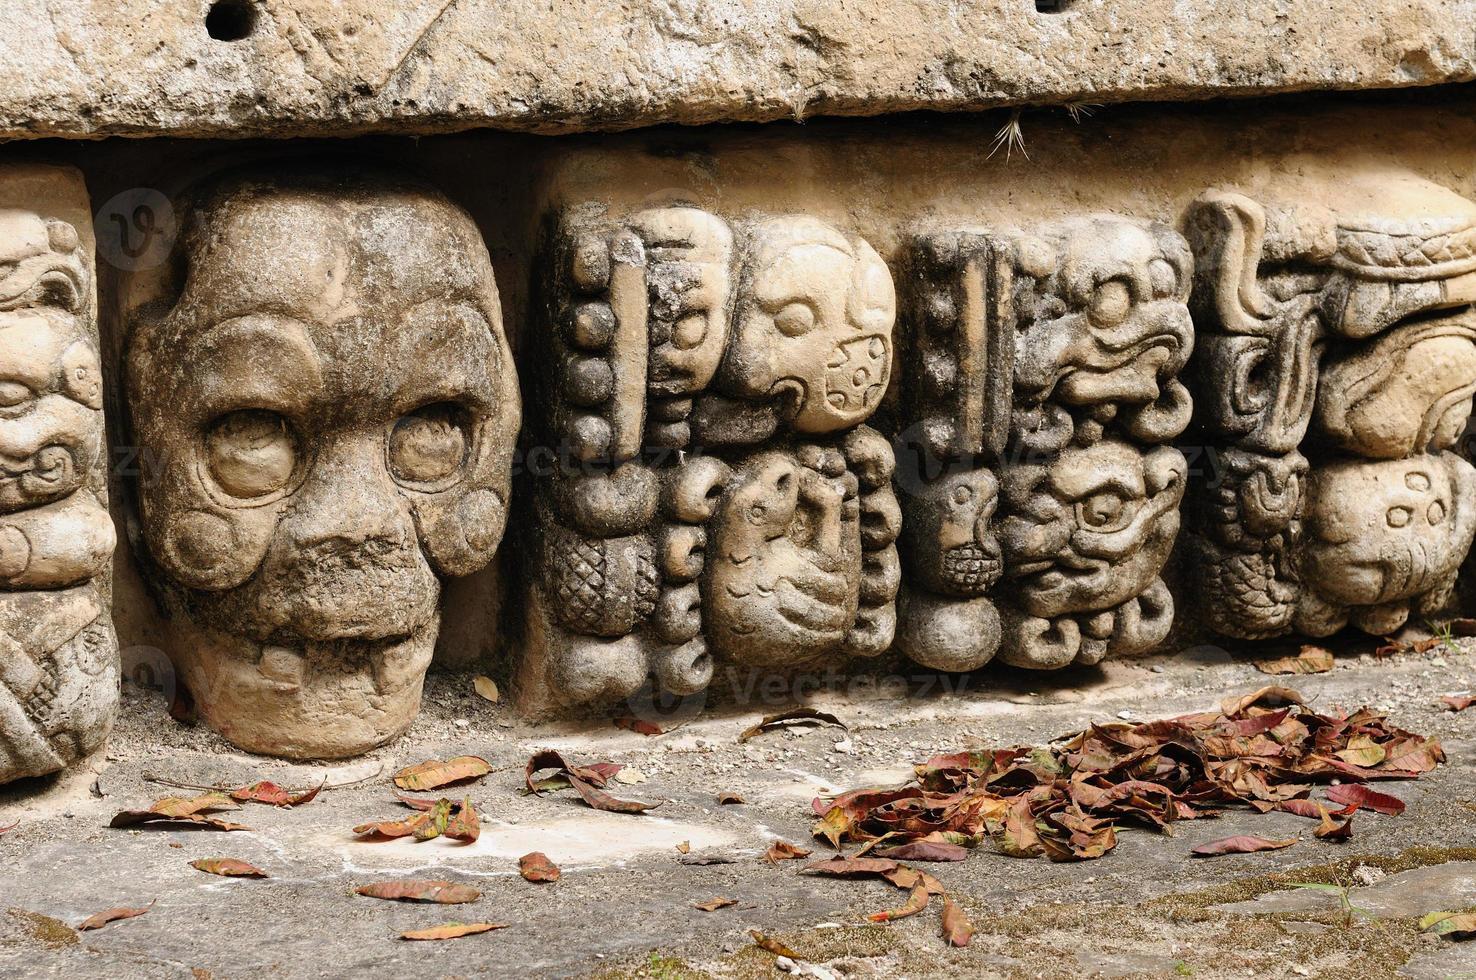 ruinas mayas de copan en honduras foto